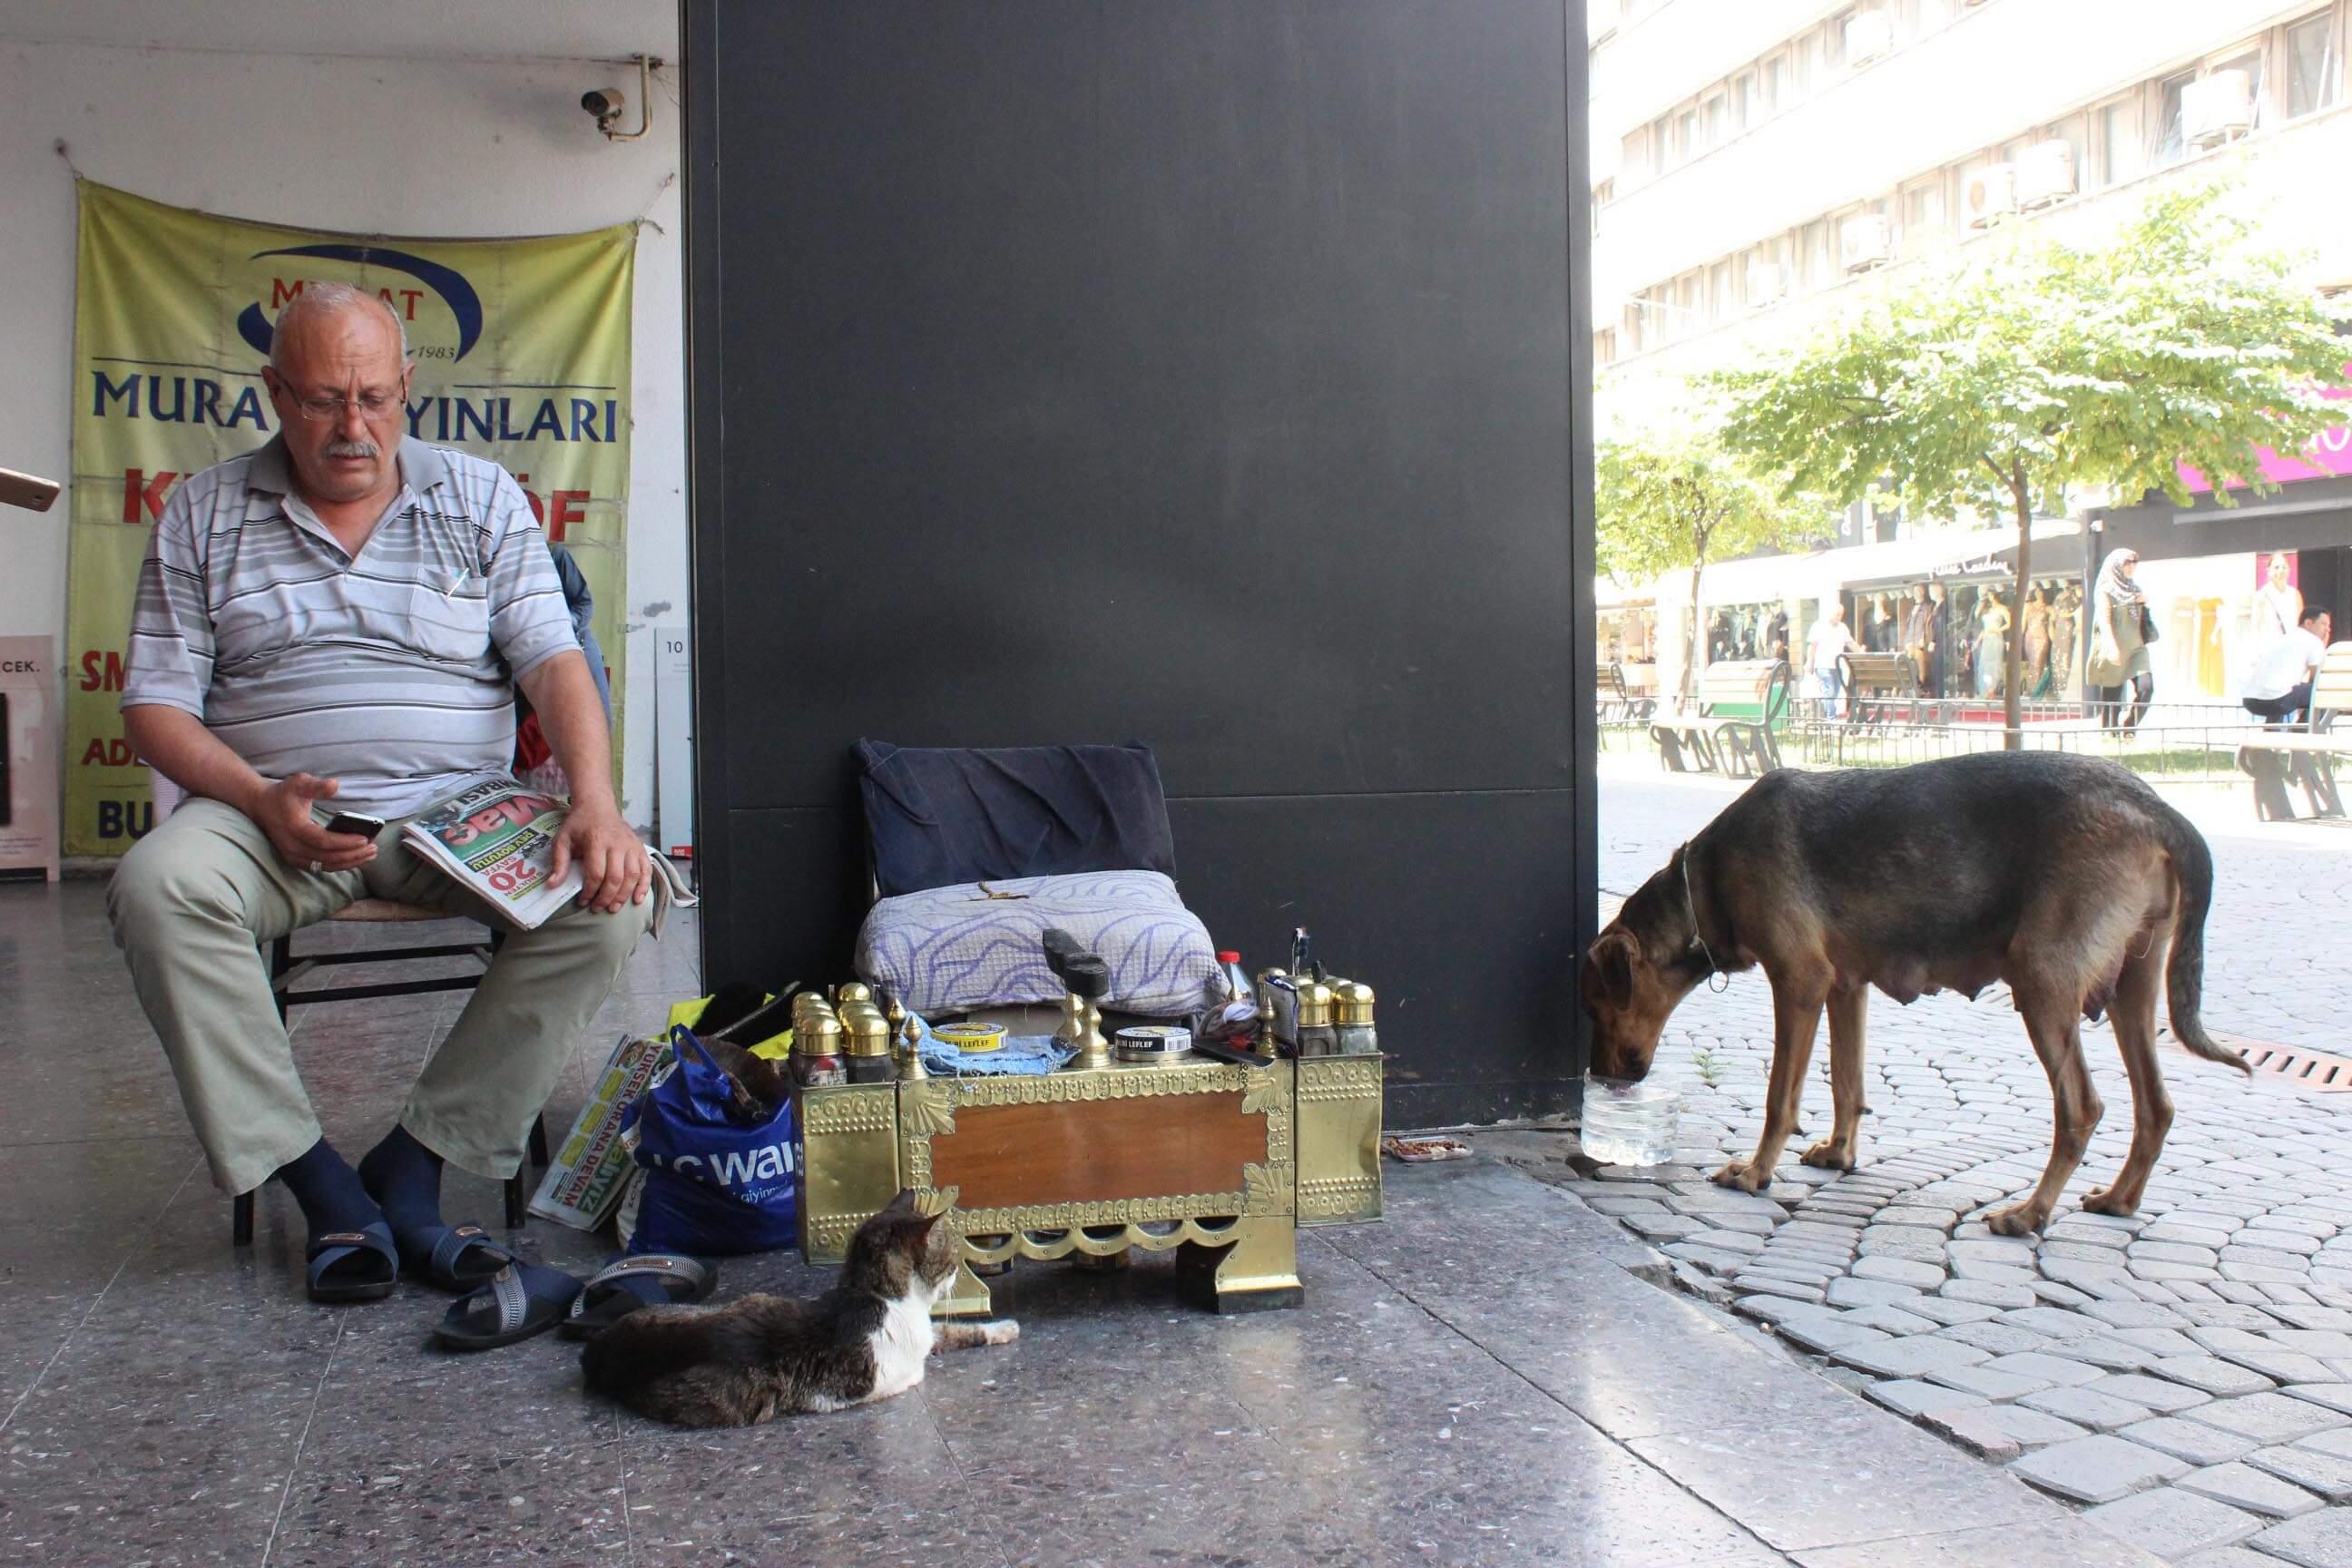 Tarihi Kemeraltı Çarşısında Azmi Sidar her sabah sokak kedi ve köpeklerini besliyor.